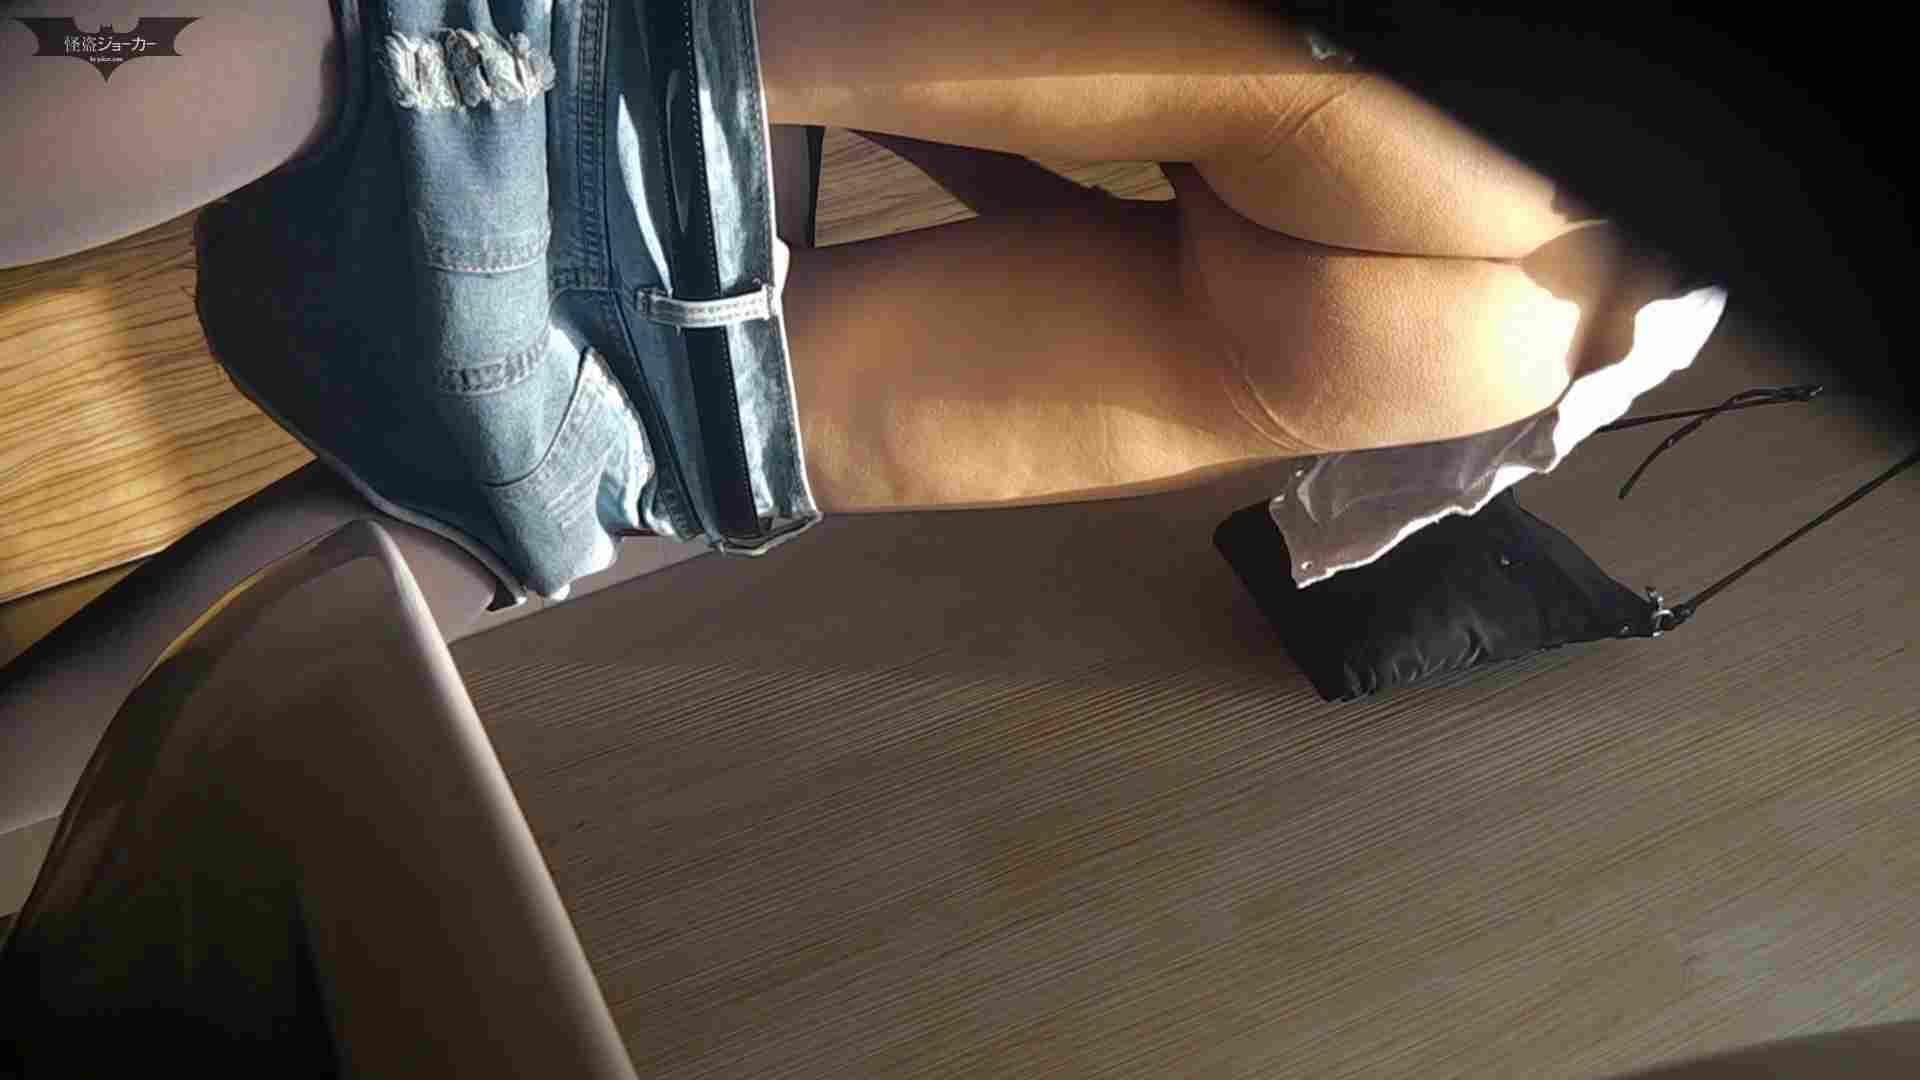 阿国ちゃんの和式洋式七変化 Vol.26 女子会開催でJD大集合! 高画質動画 濡れ場動画紹介 75画像 6